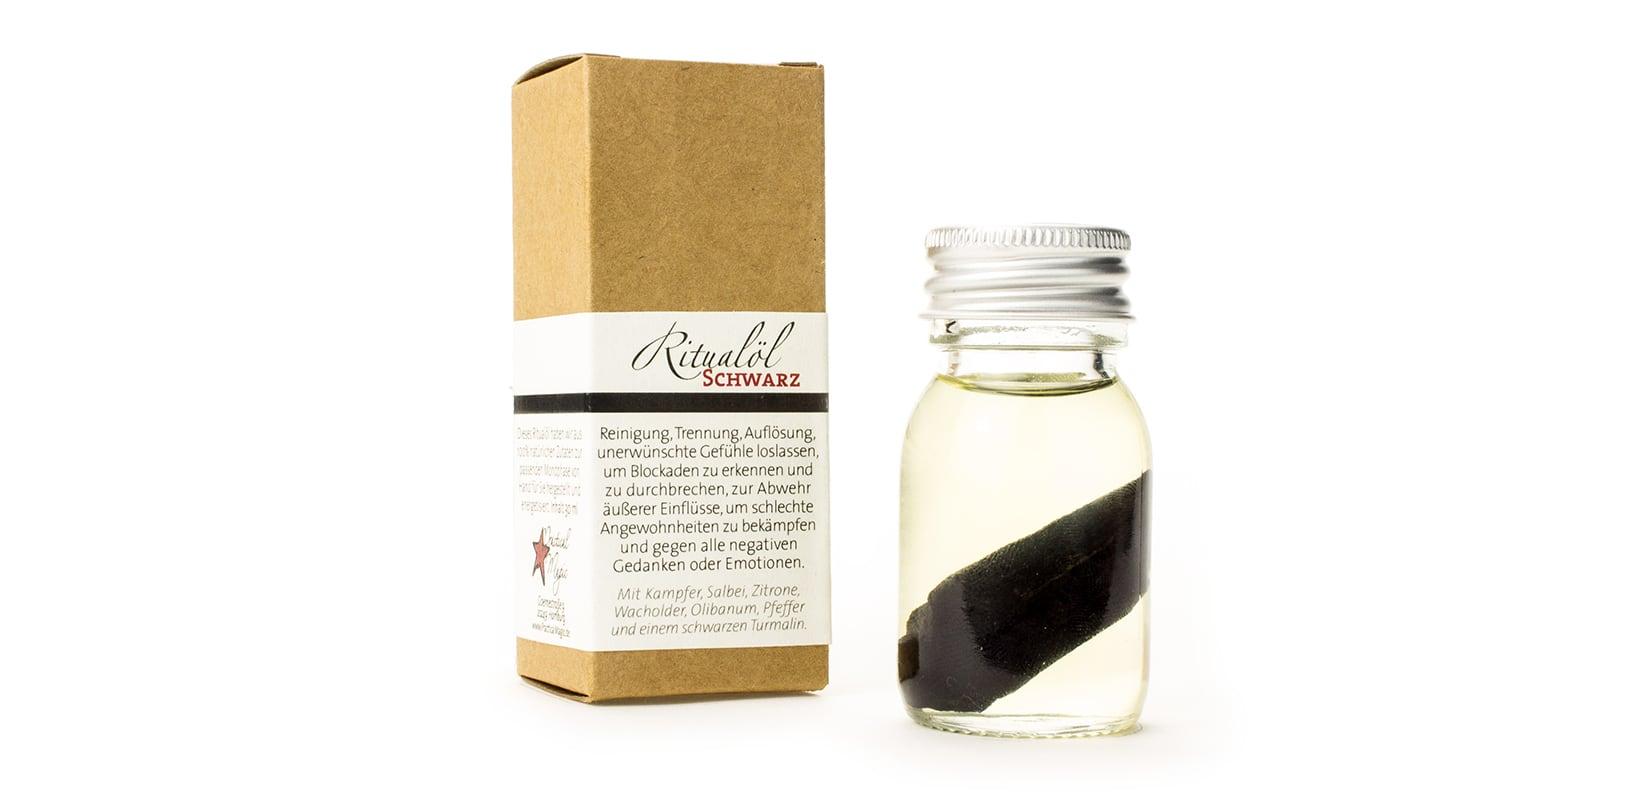 Ritualöl schwarz